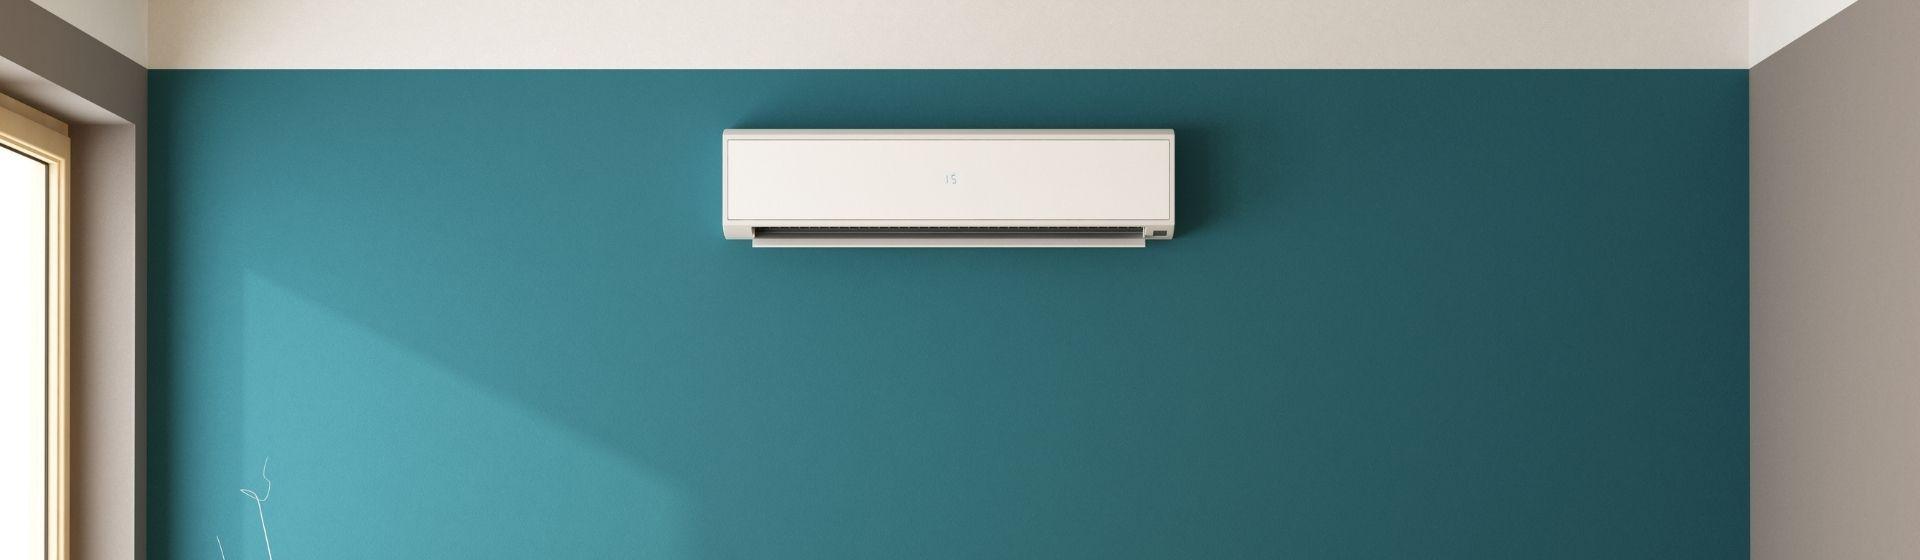 Ar-condicionado inverter: confira os melhores modelos de 2021